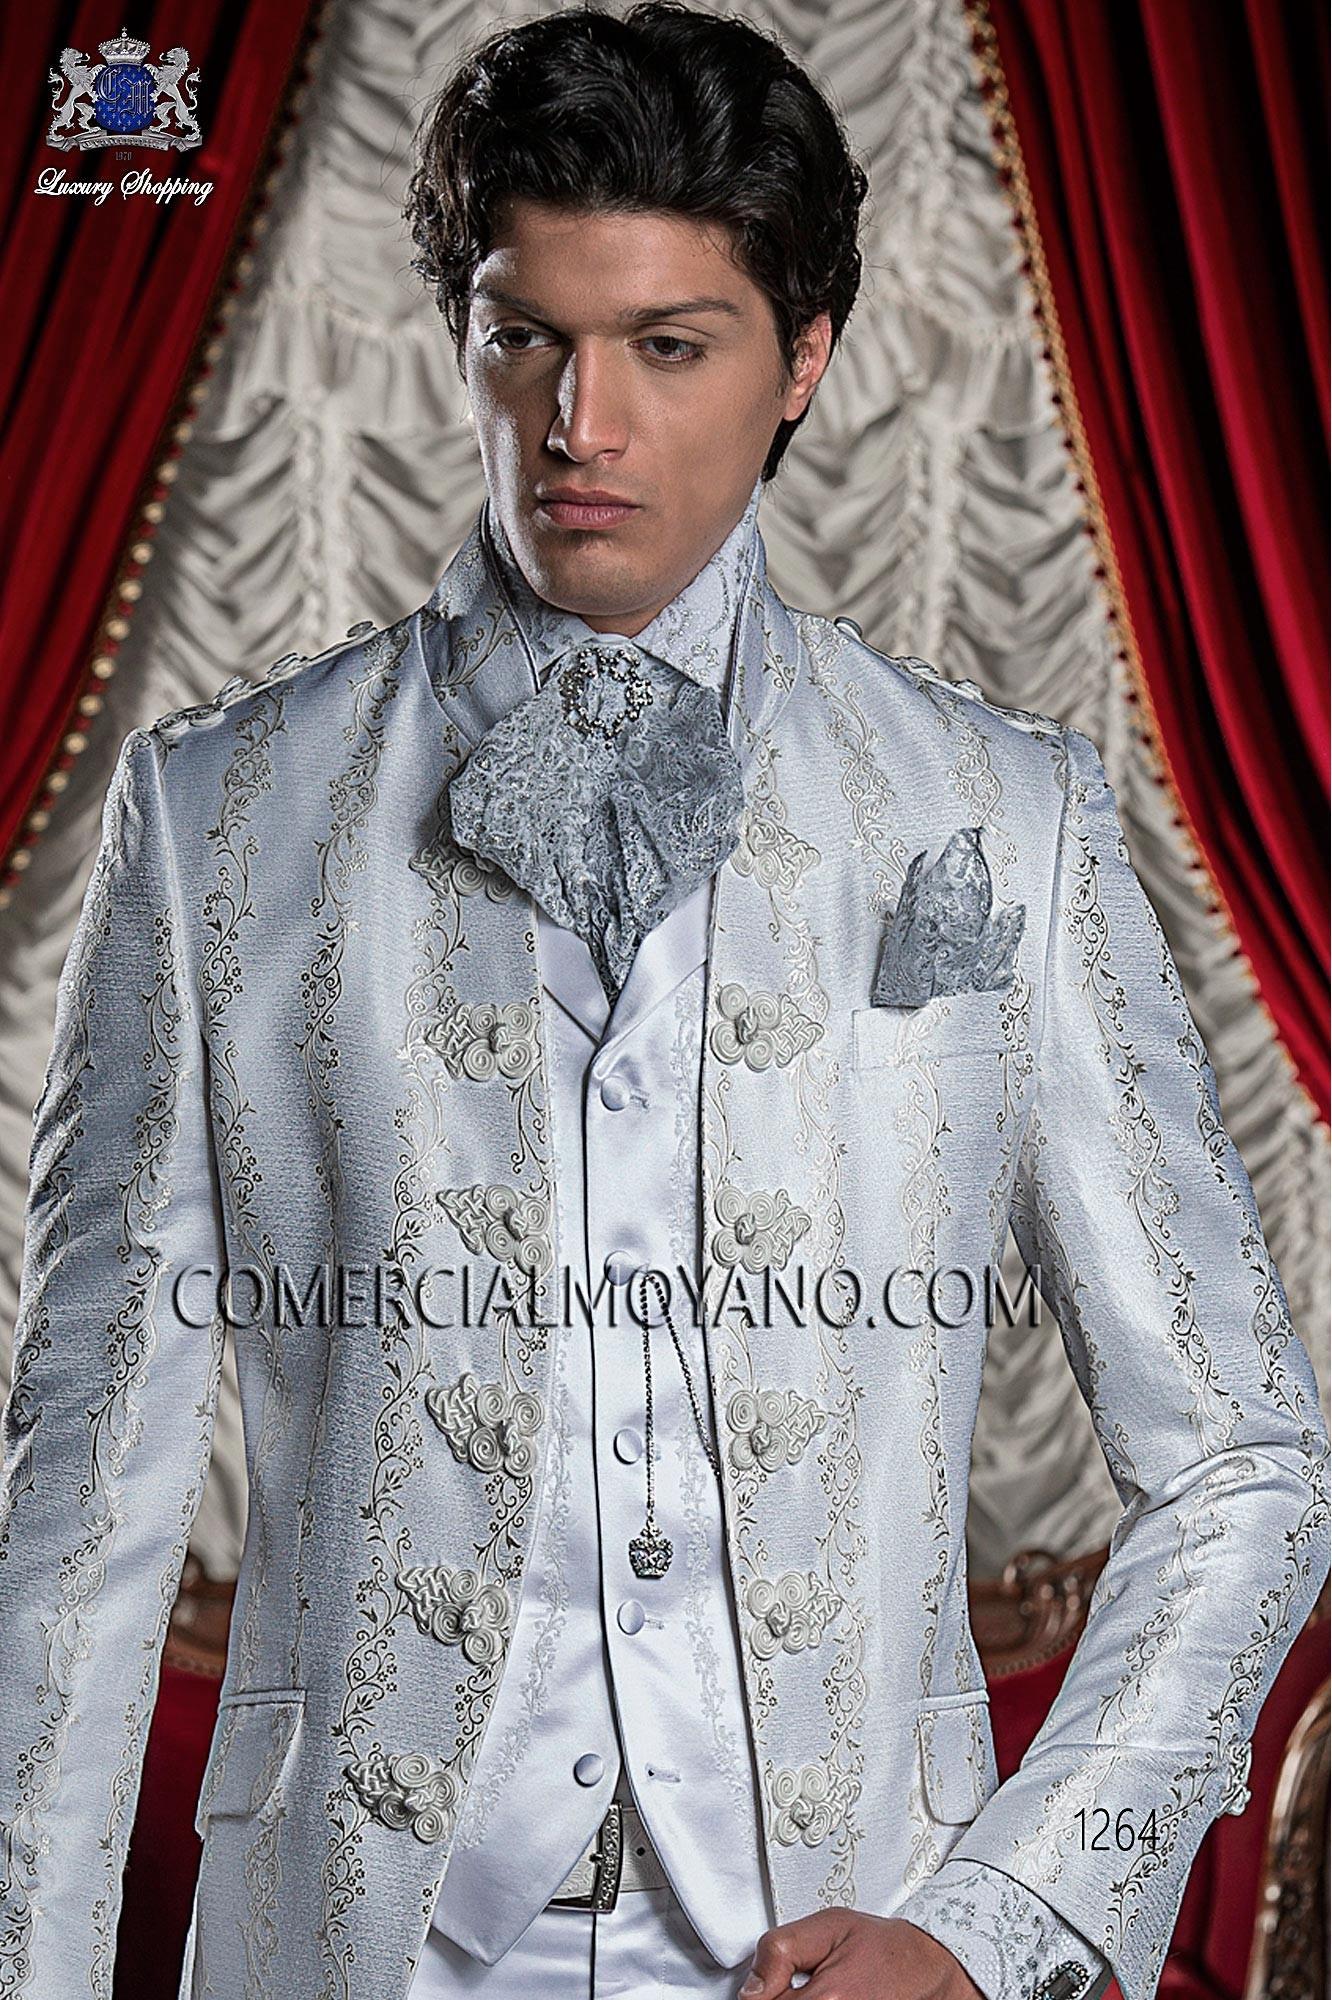 Traje barroco de novio blanco modelo: 1264 Ottavio Nuccio Gala colección 2017 Barroco